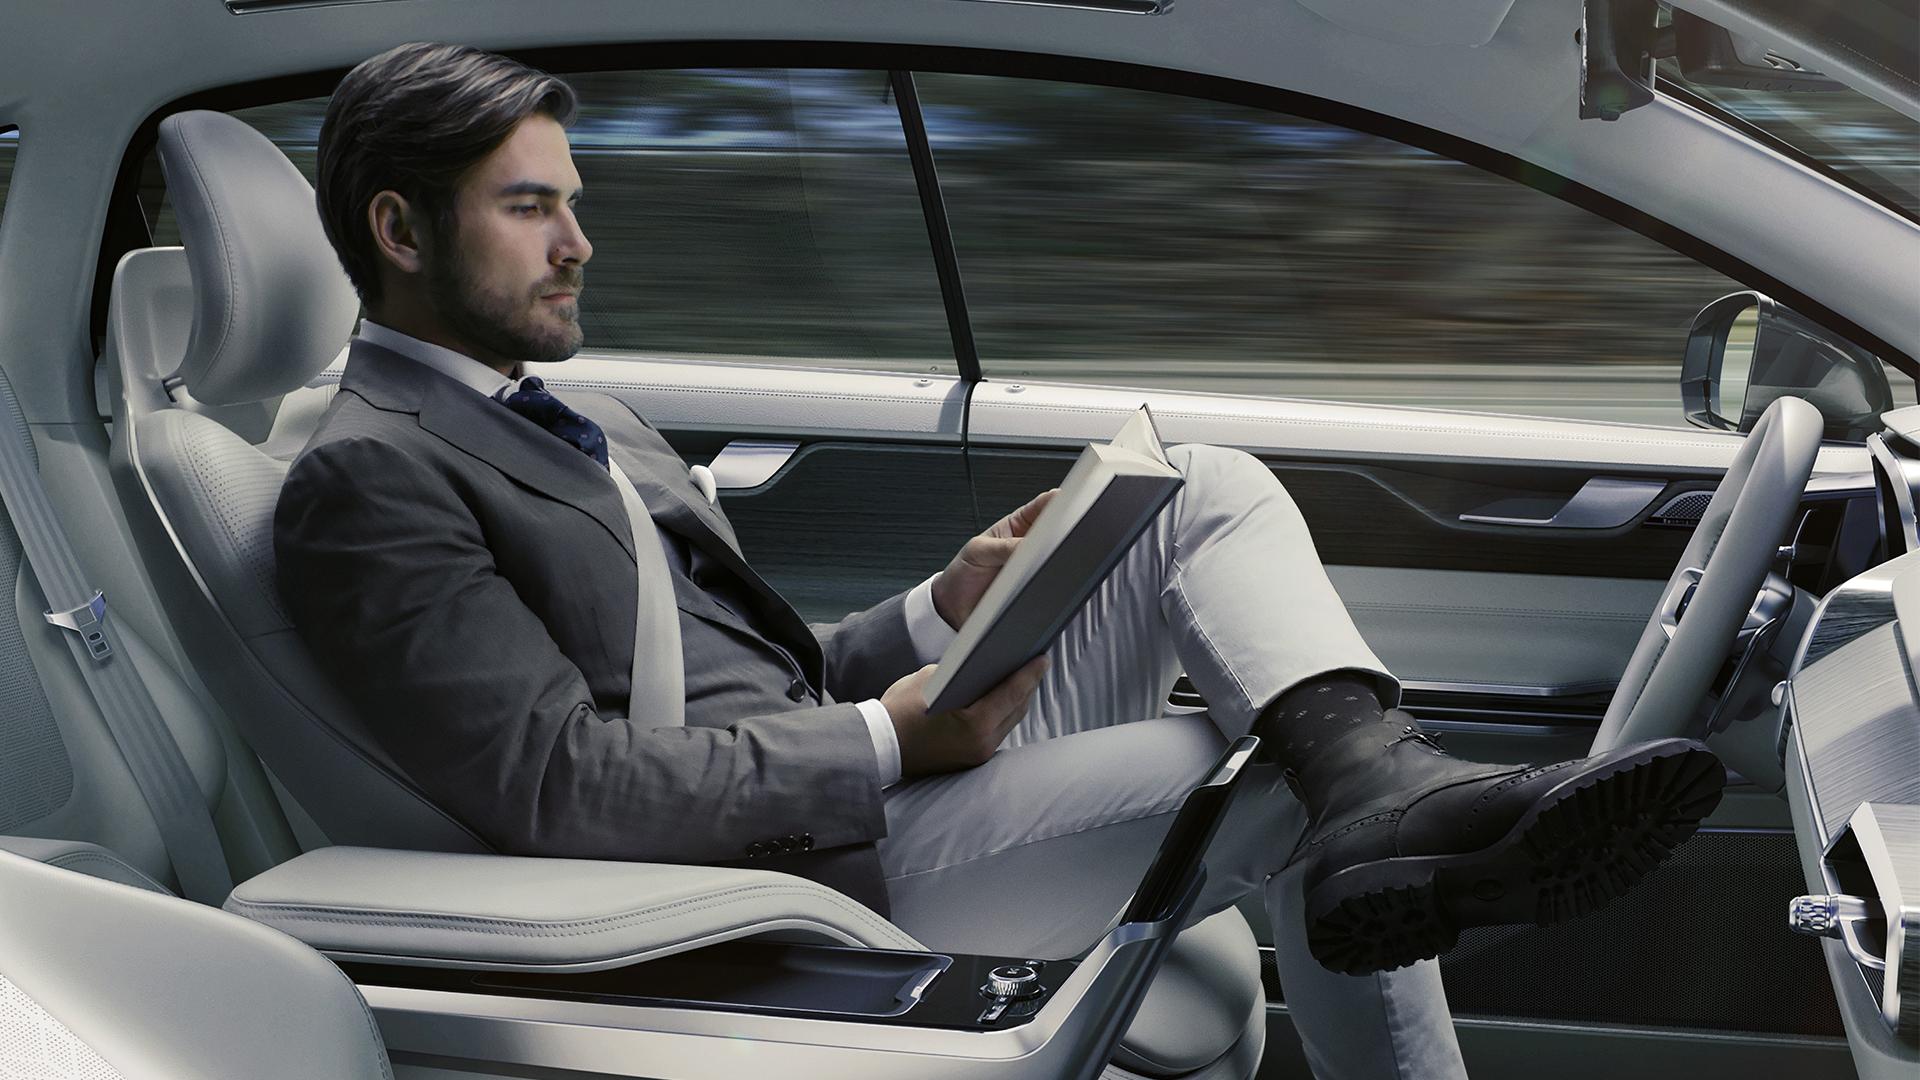 MAIN IMAGE 16x9 Alemanha pioneira aprova automóveis com condução autónoma